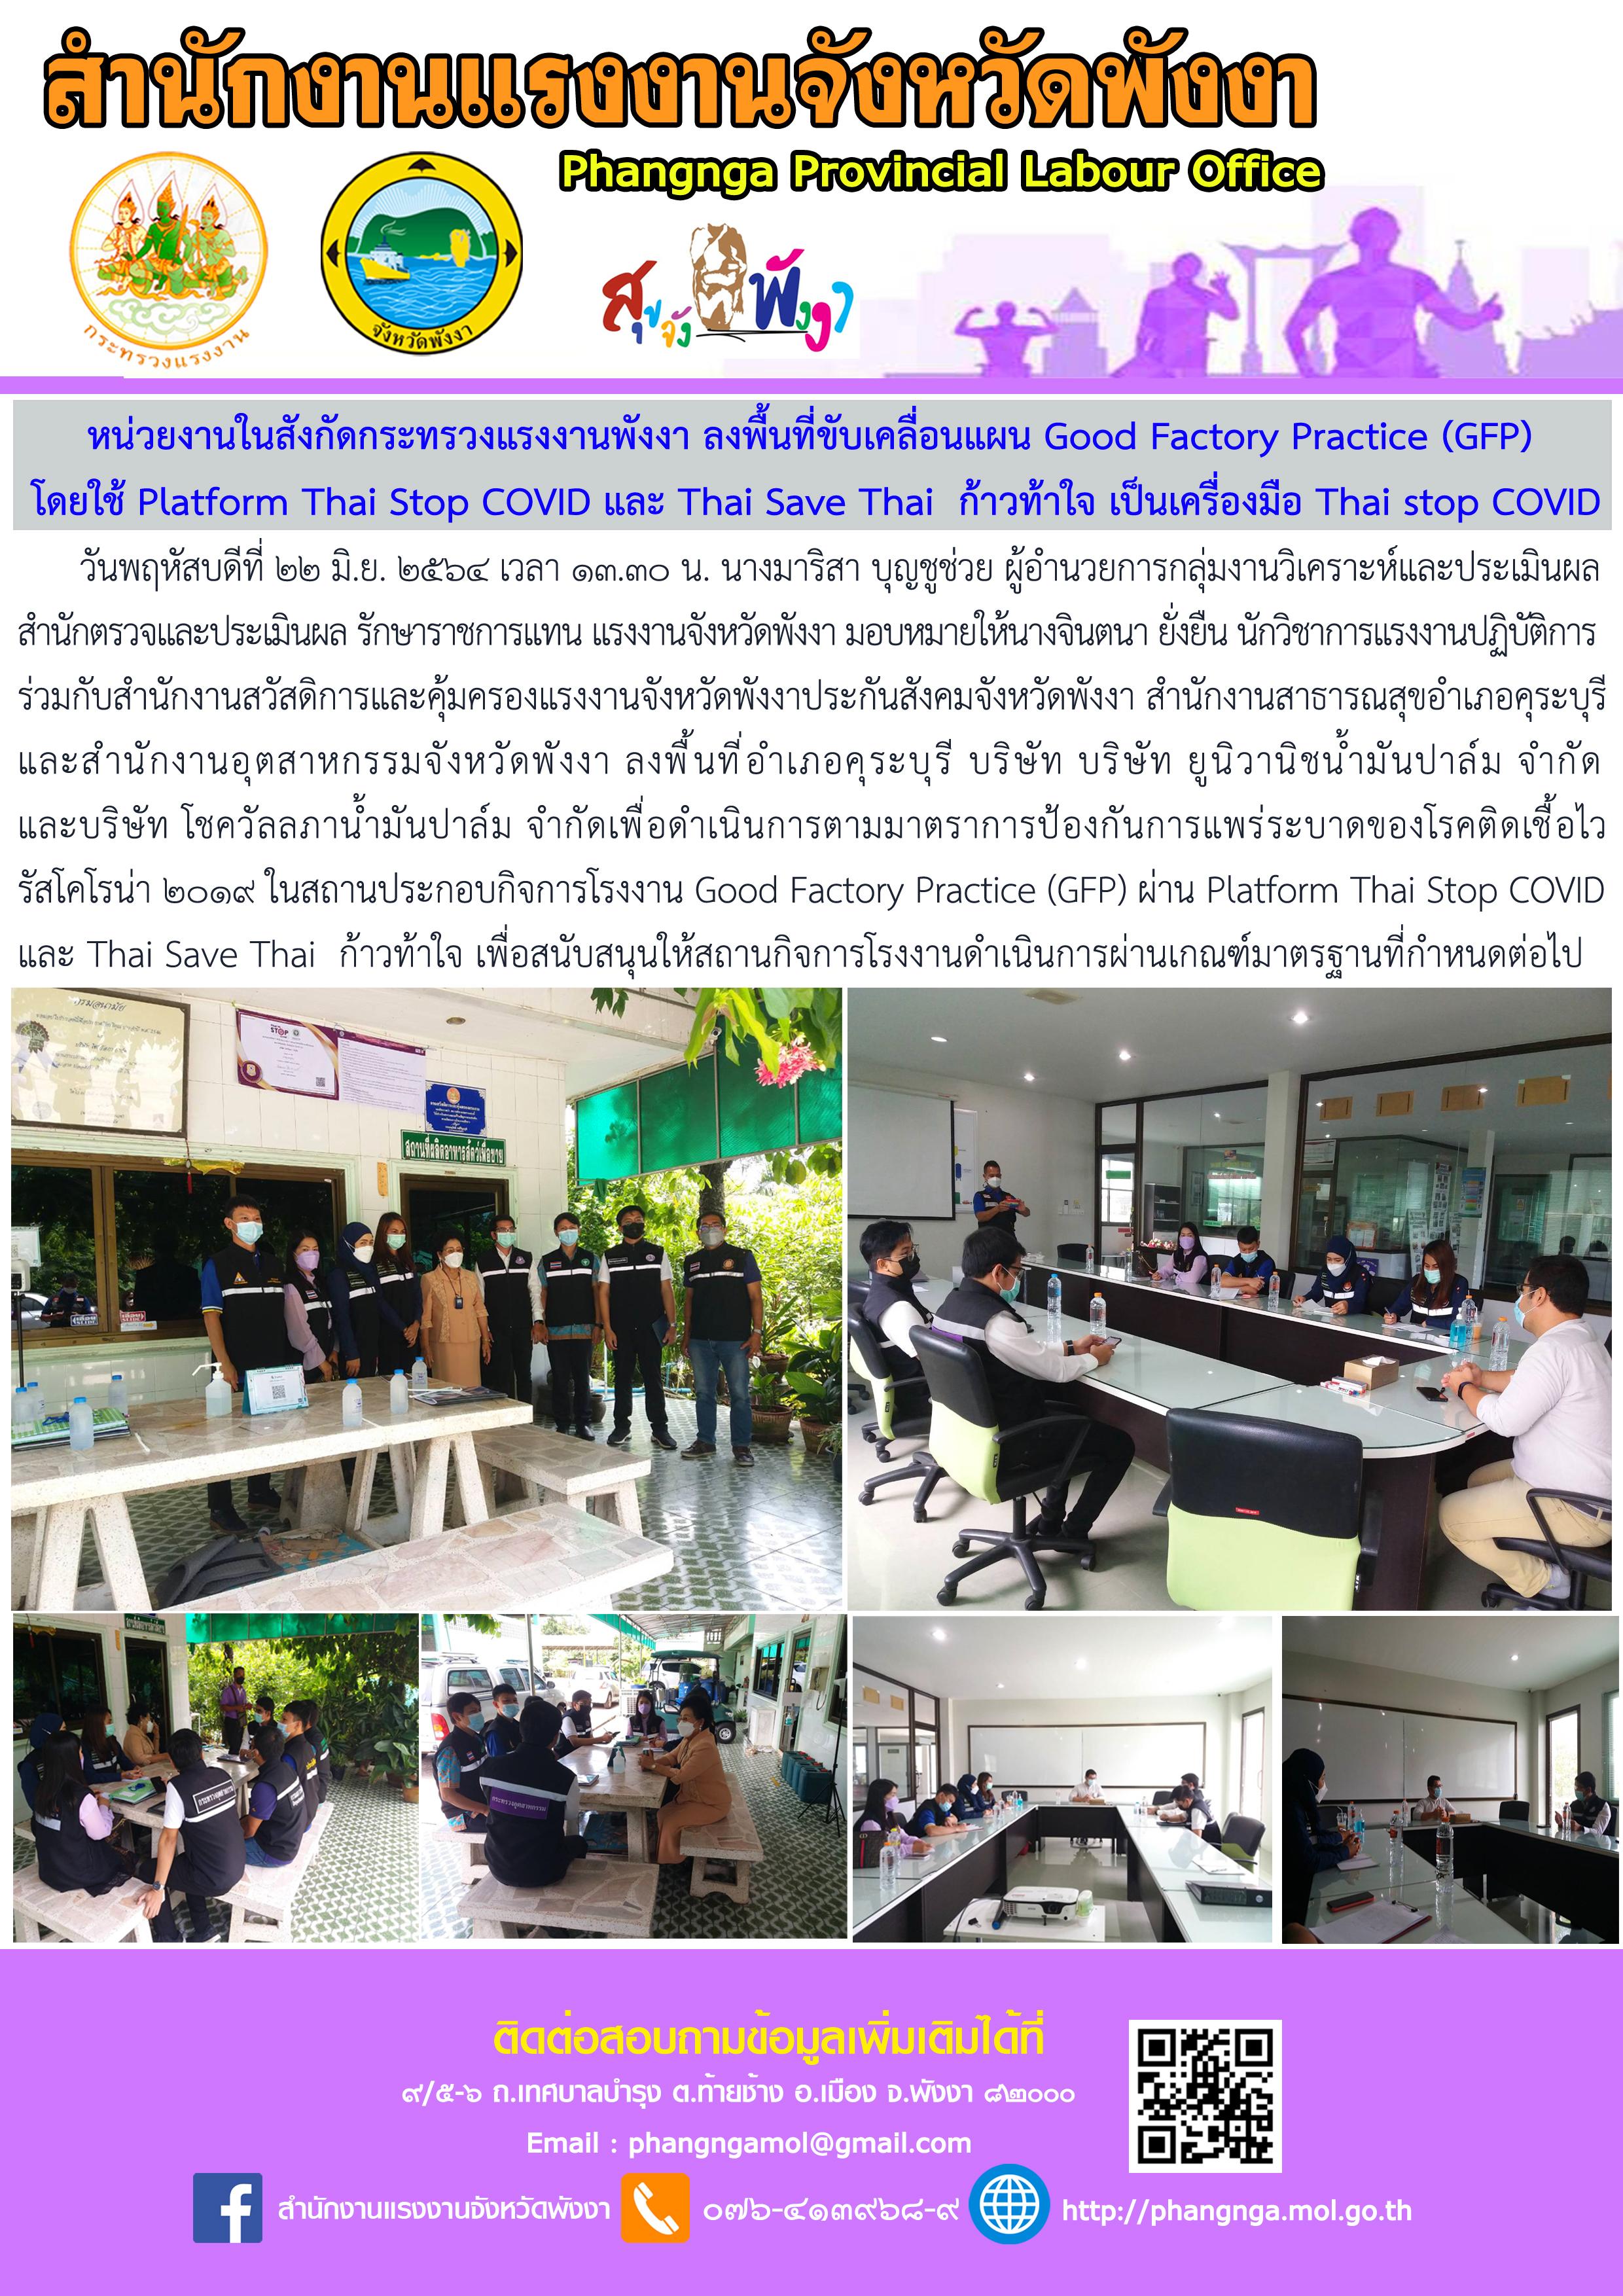 หน่วยงานในสังกัดกระทรวงแรงงานพังงา ลงพื้นที่ขับเคลื่อนแผน Good Factory Practice (GFP) โดยใช้ Platform Thai Stop COVID และ Thai Save Thai ก้าวท้าใจ เป็นเครื่องมือ Thai stop COVID (อำเภอคุระบุรี)